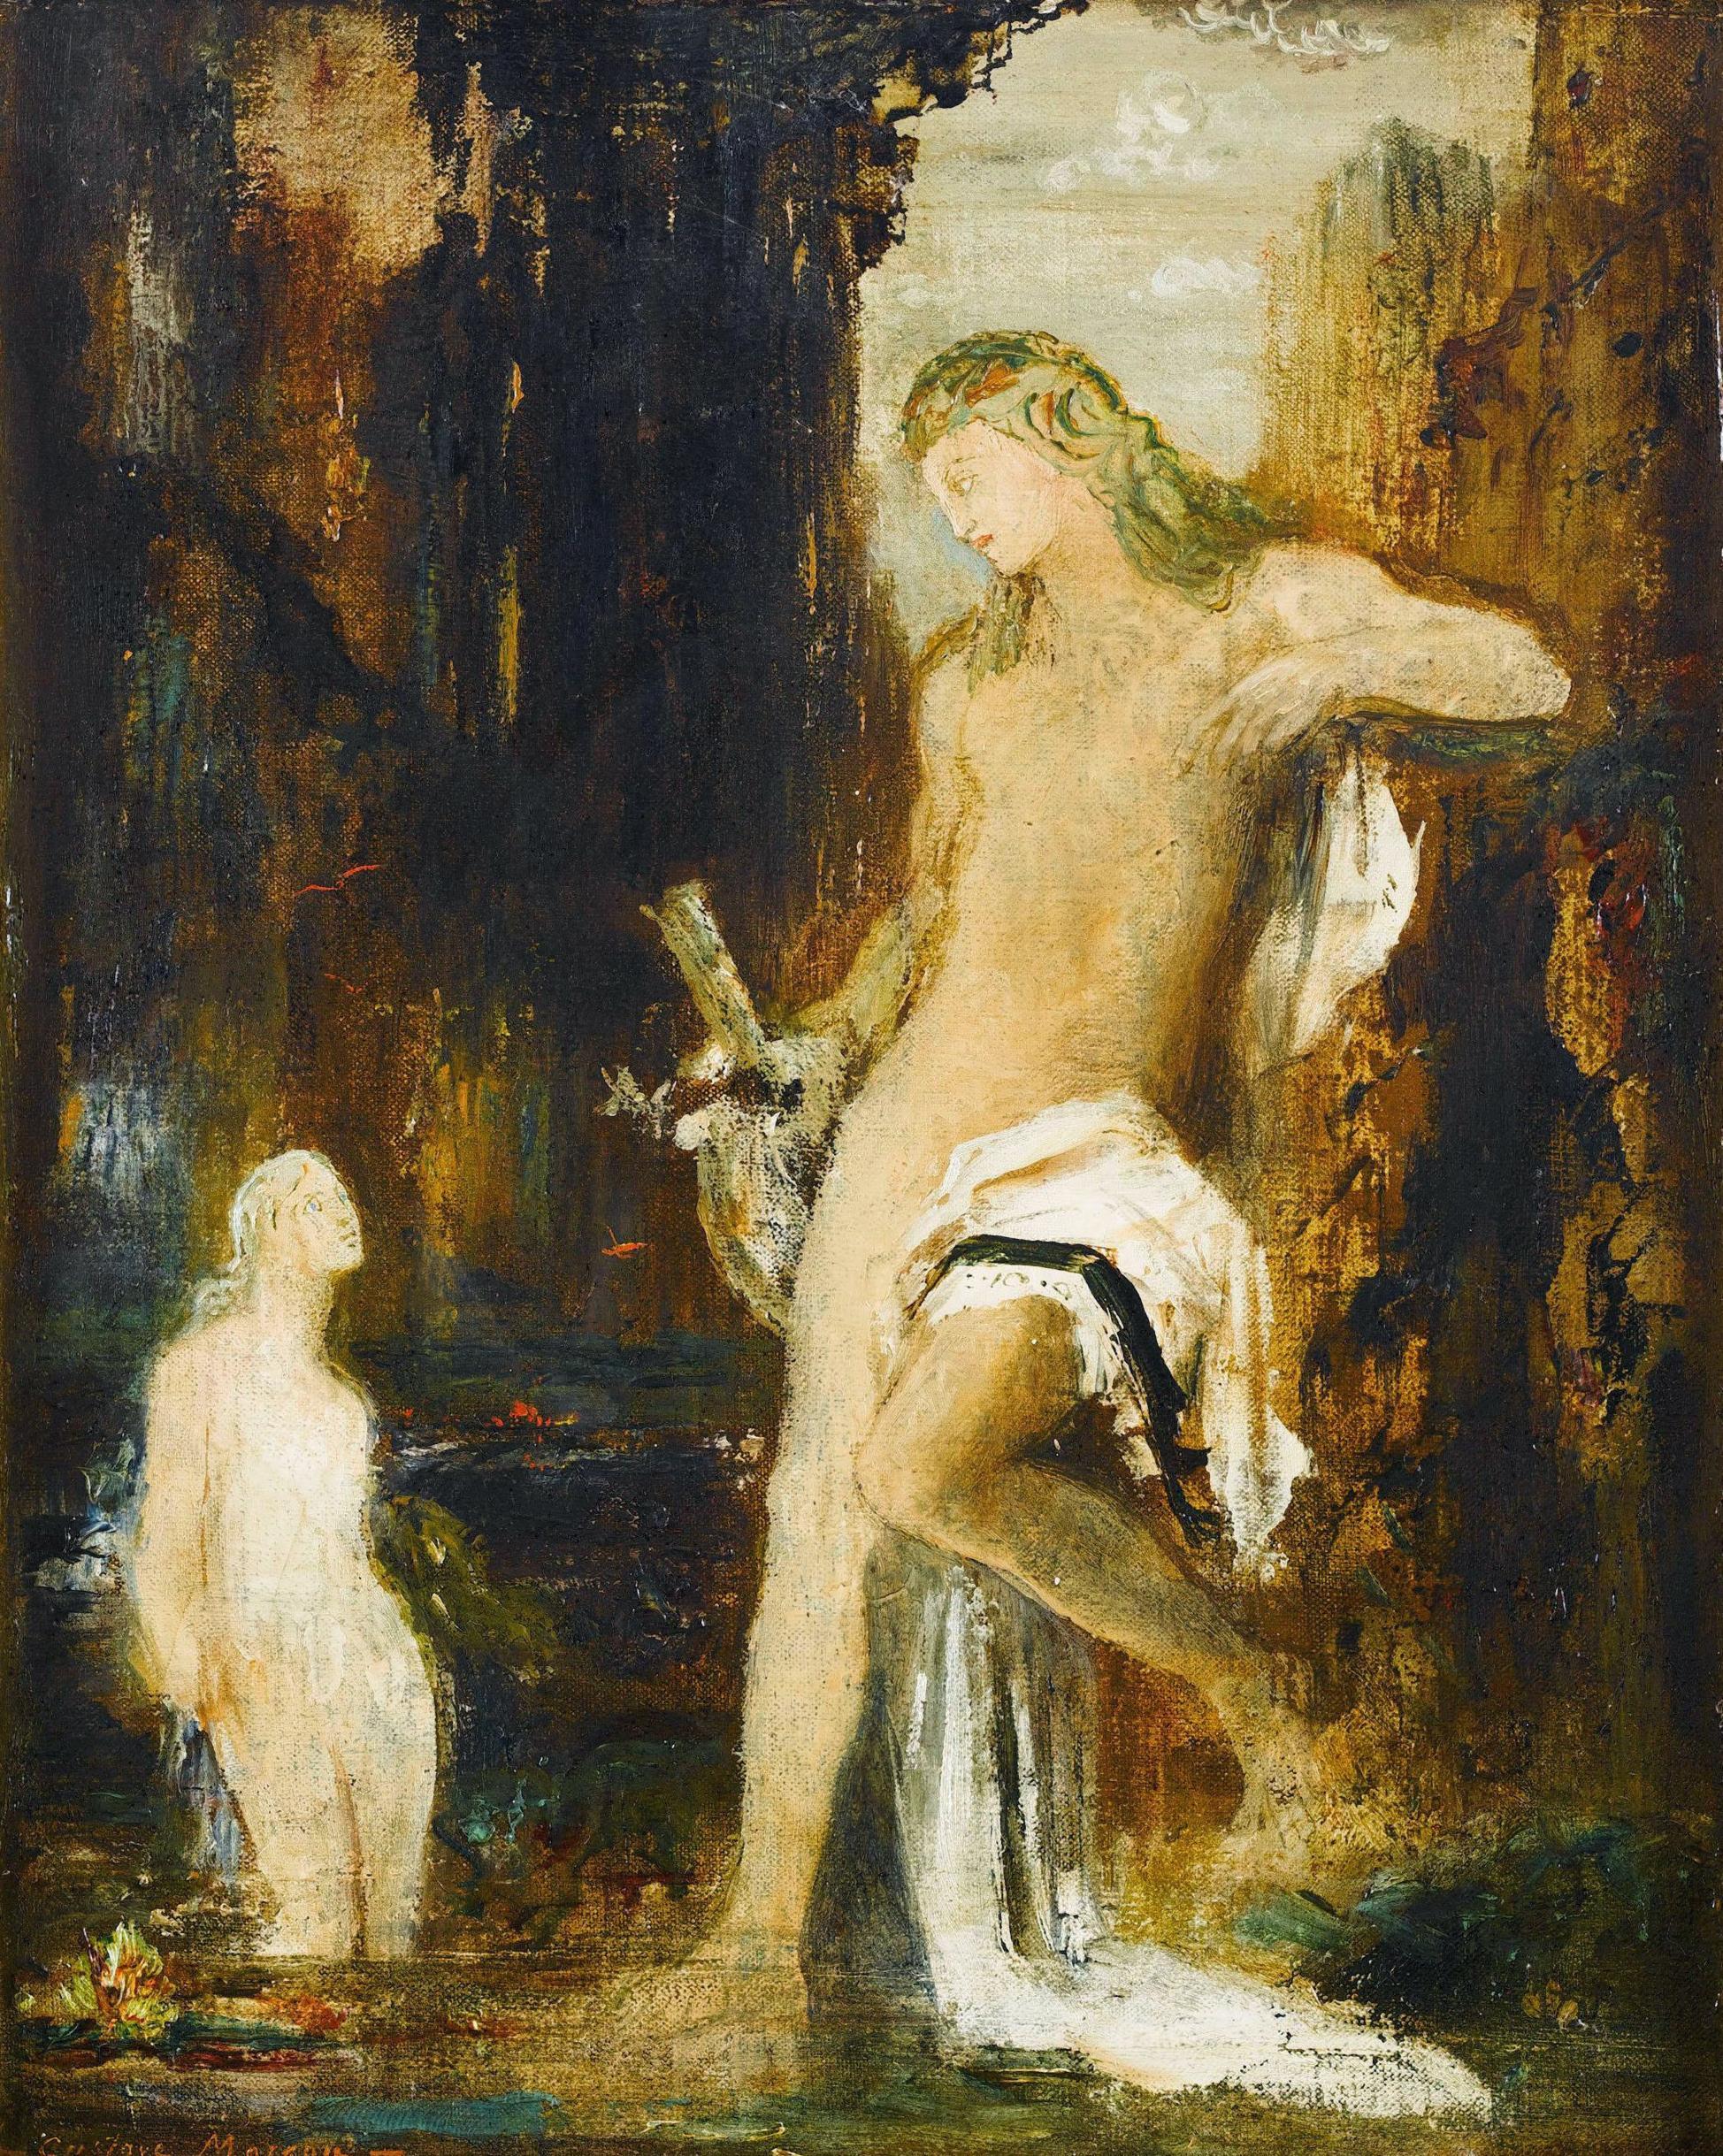 Поэт и сирена (27 х 20 см) (Париж, музей Гюстава Моро)